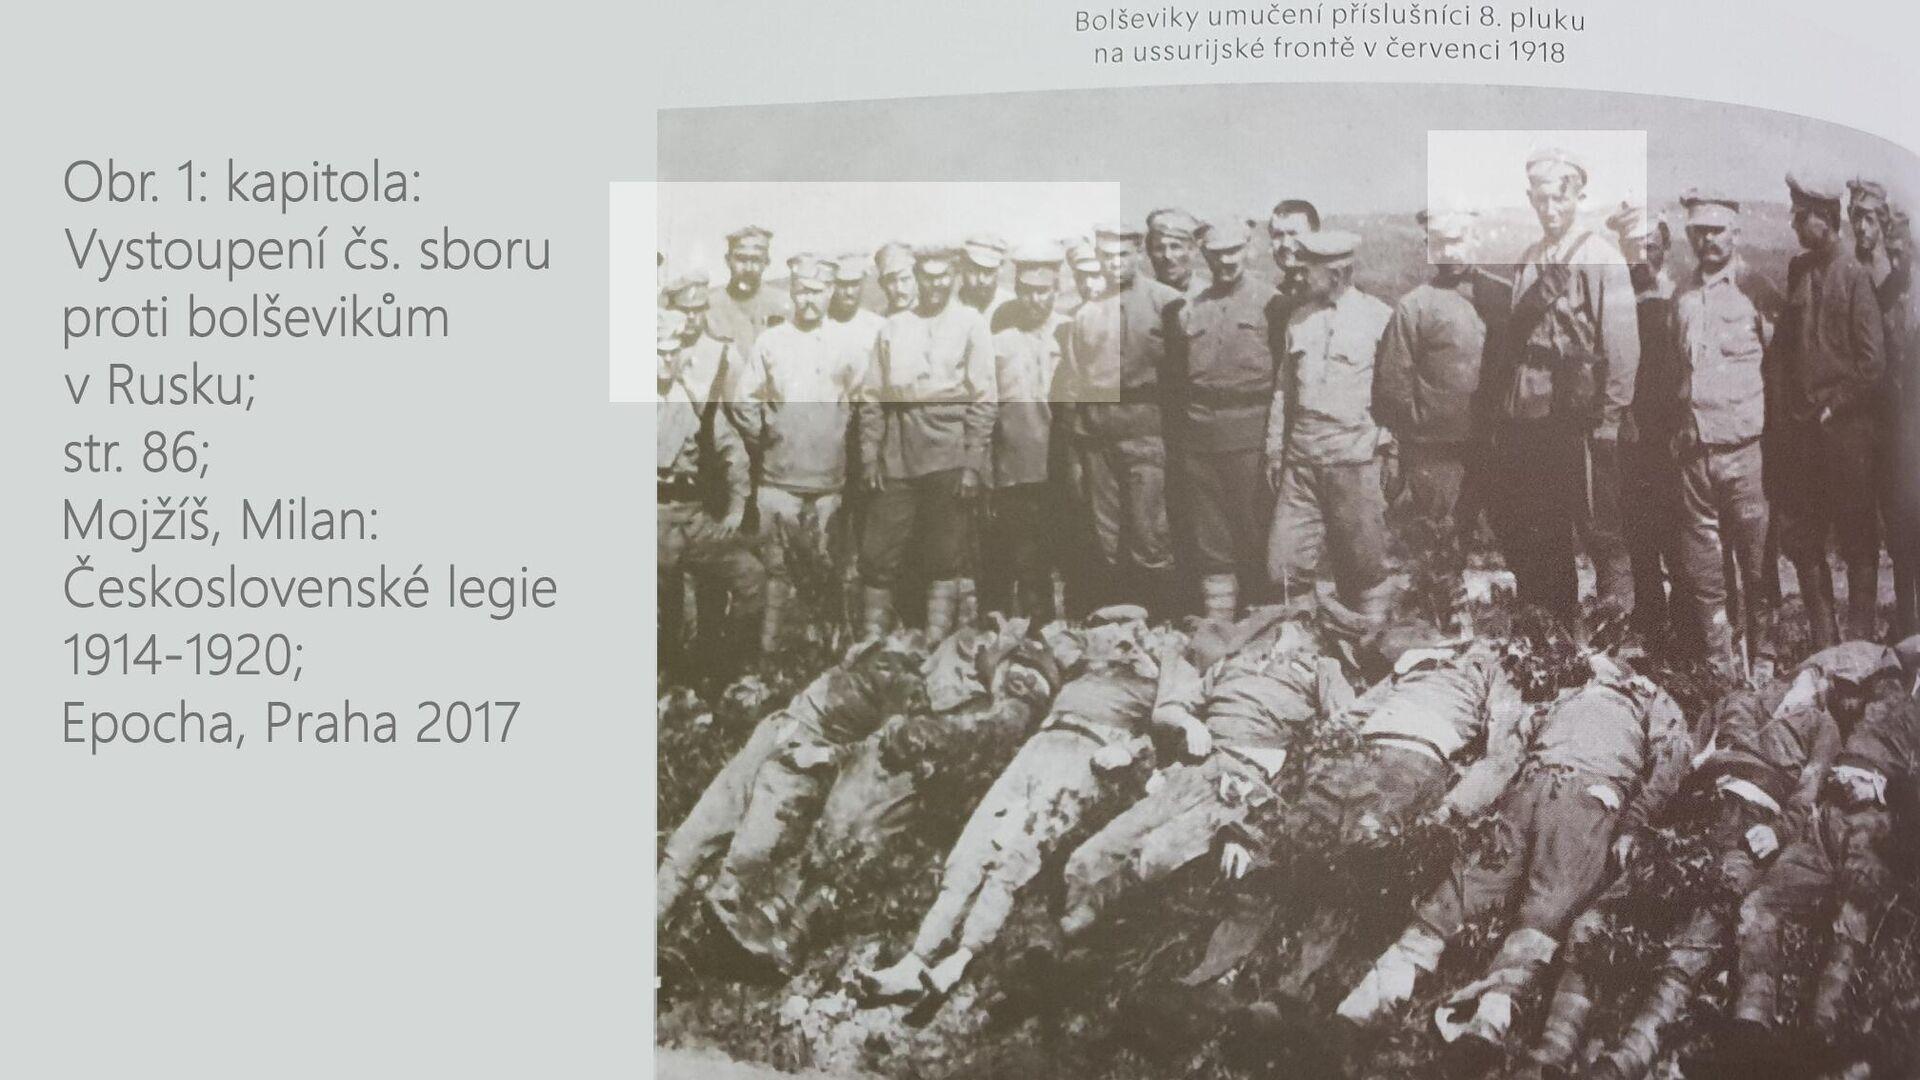 Bolševiky umučení čeští vojáci, nad jejichž exhumovanými těly stojí českoslovenští legionáři. (kniha Čes. legie 1914-1920, VHÚ 2017). Na základě fotky však nelze jasně říci, kdo jsou mrtví, ani není vidět rozsah mučení (pozn. aut.). - Sputnik Česká republika, 1920, 25.05.2021